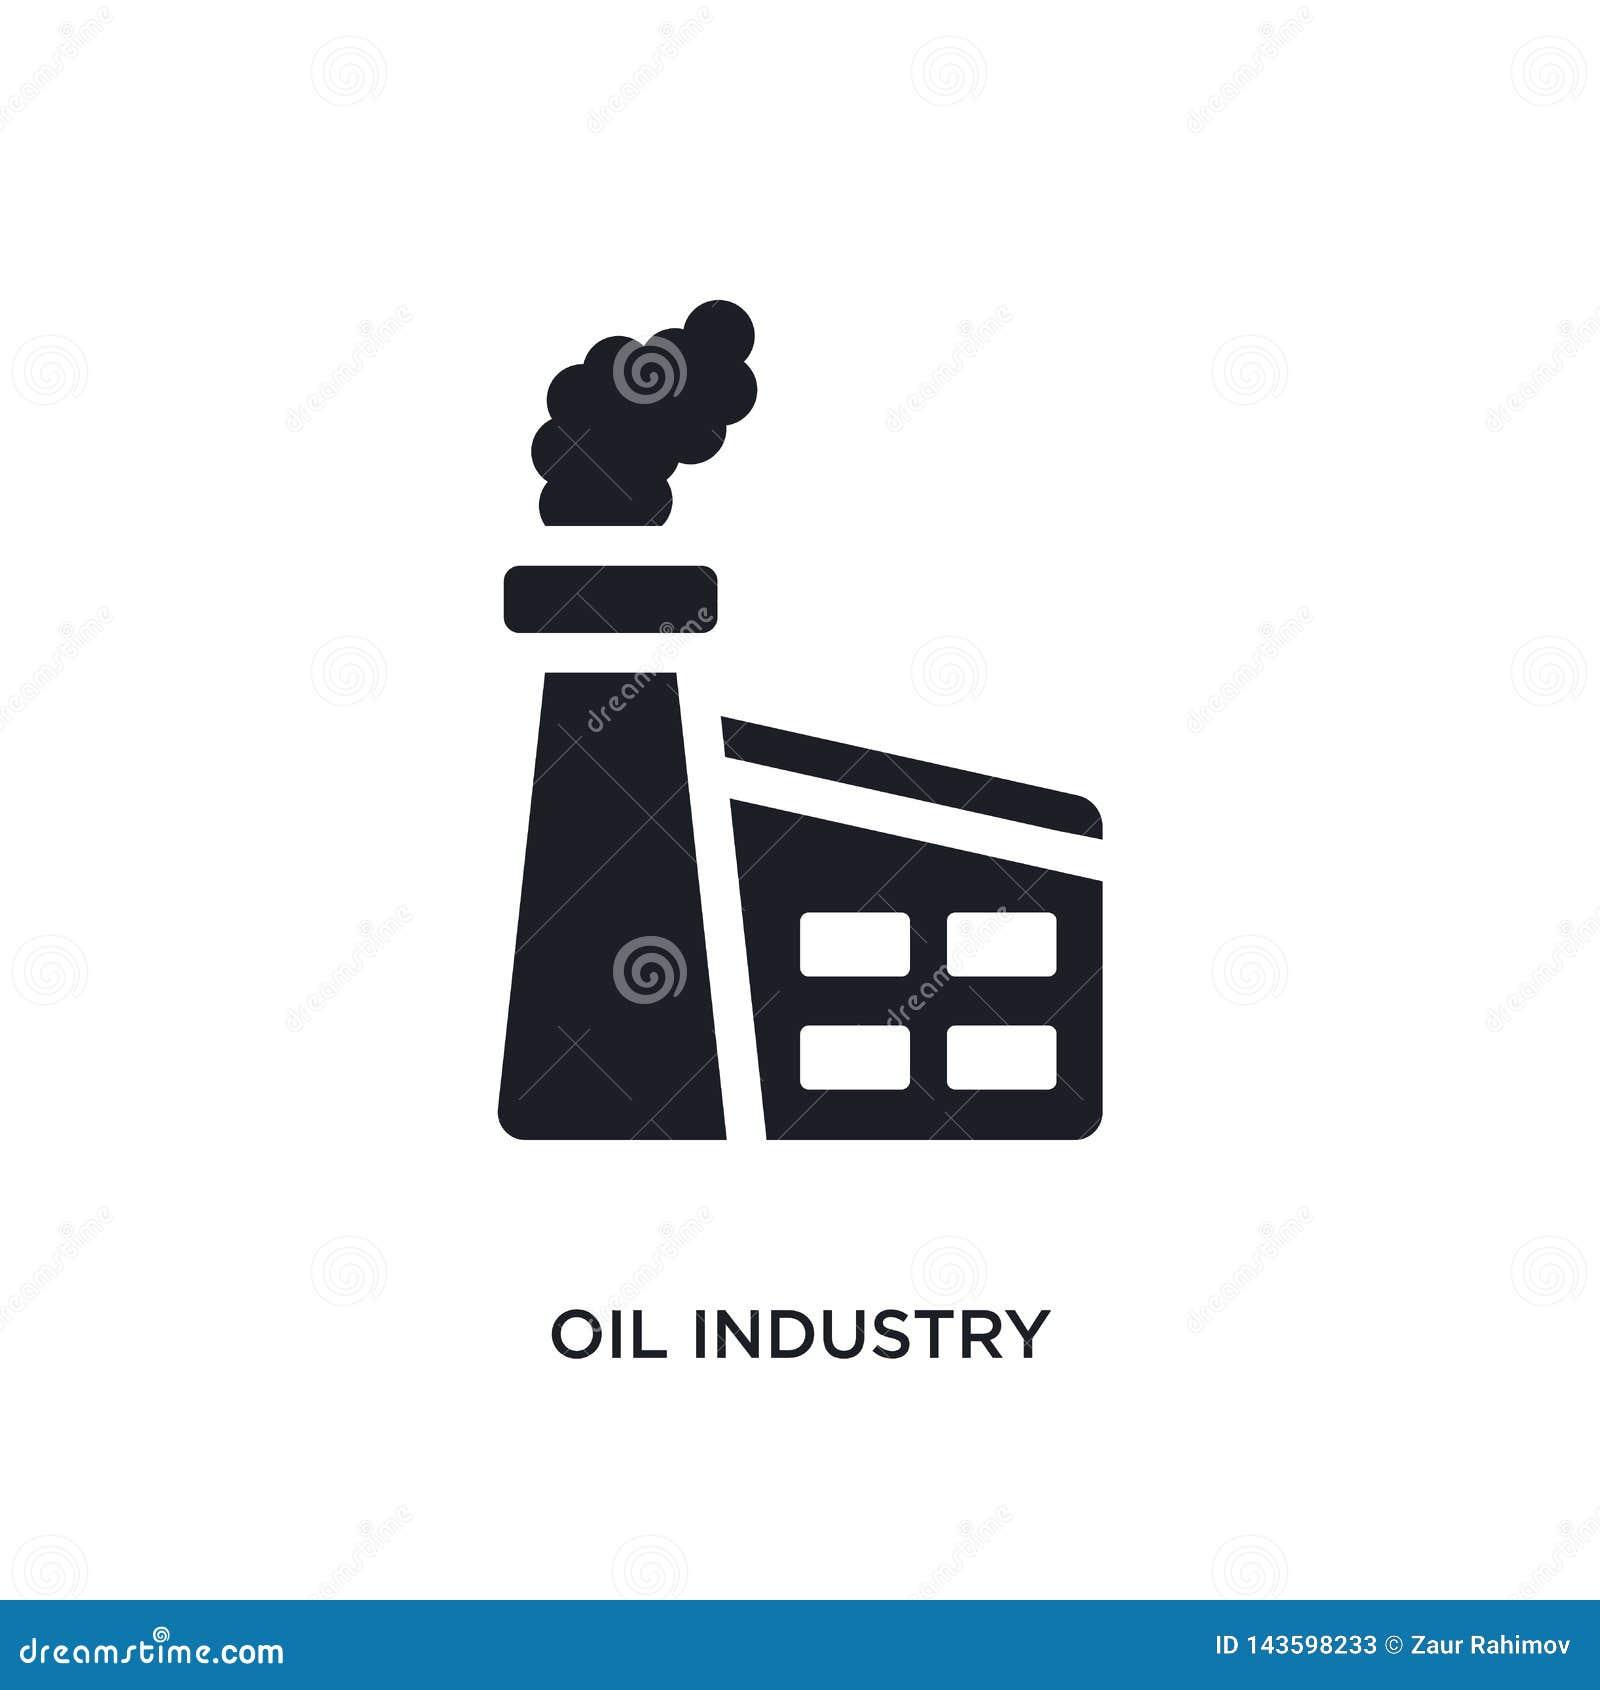 μαύρο απομονωμένο βιομηχανία πετρελαίου διανυσματικό εικονίδιο απλή απεικόνιση στοιχείων από τα διανυσματικά εικονίδια έννοιας βι